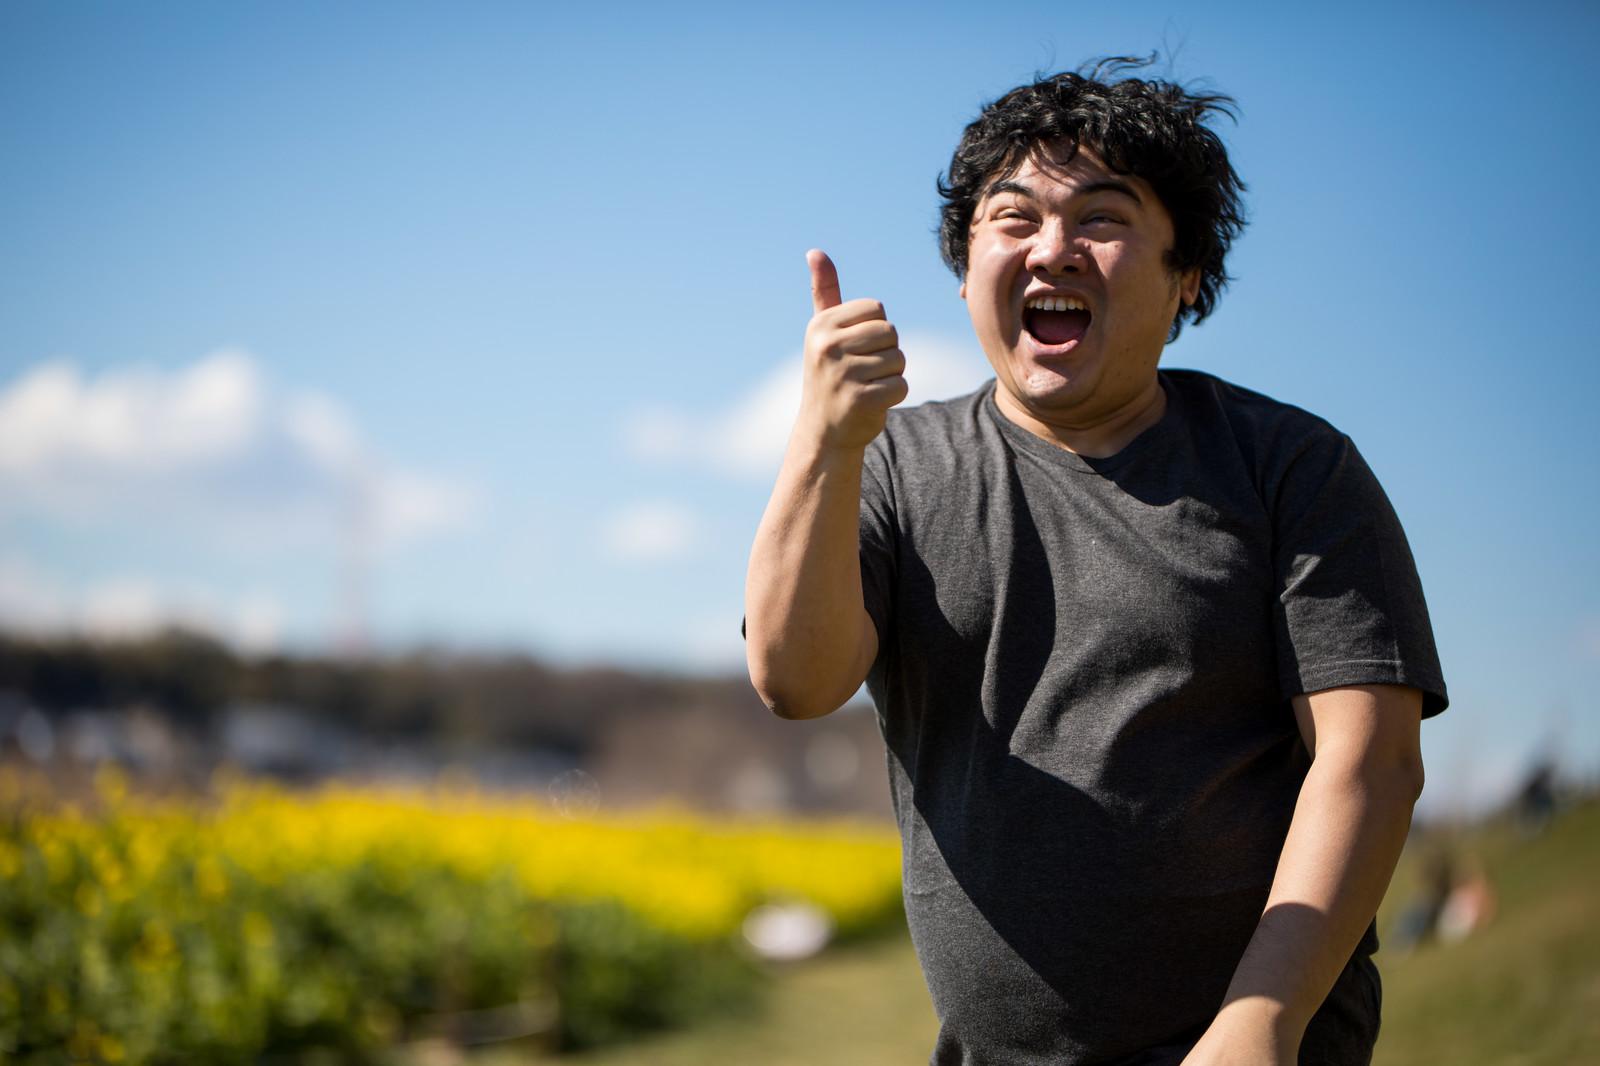 亜弥 引退 松浦 松浦亜弥は現在、何してるの? 「近々、復帰する」との噂は本当なのか